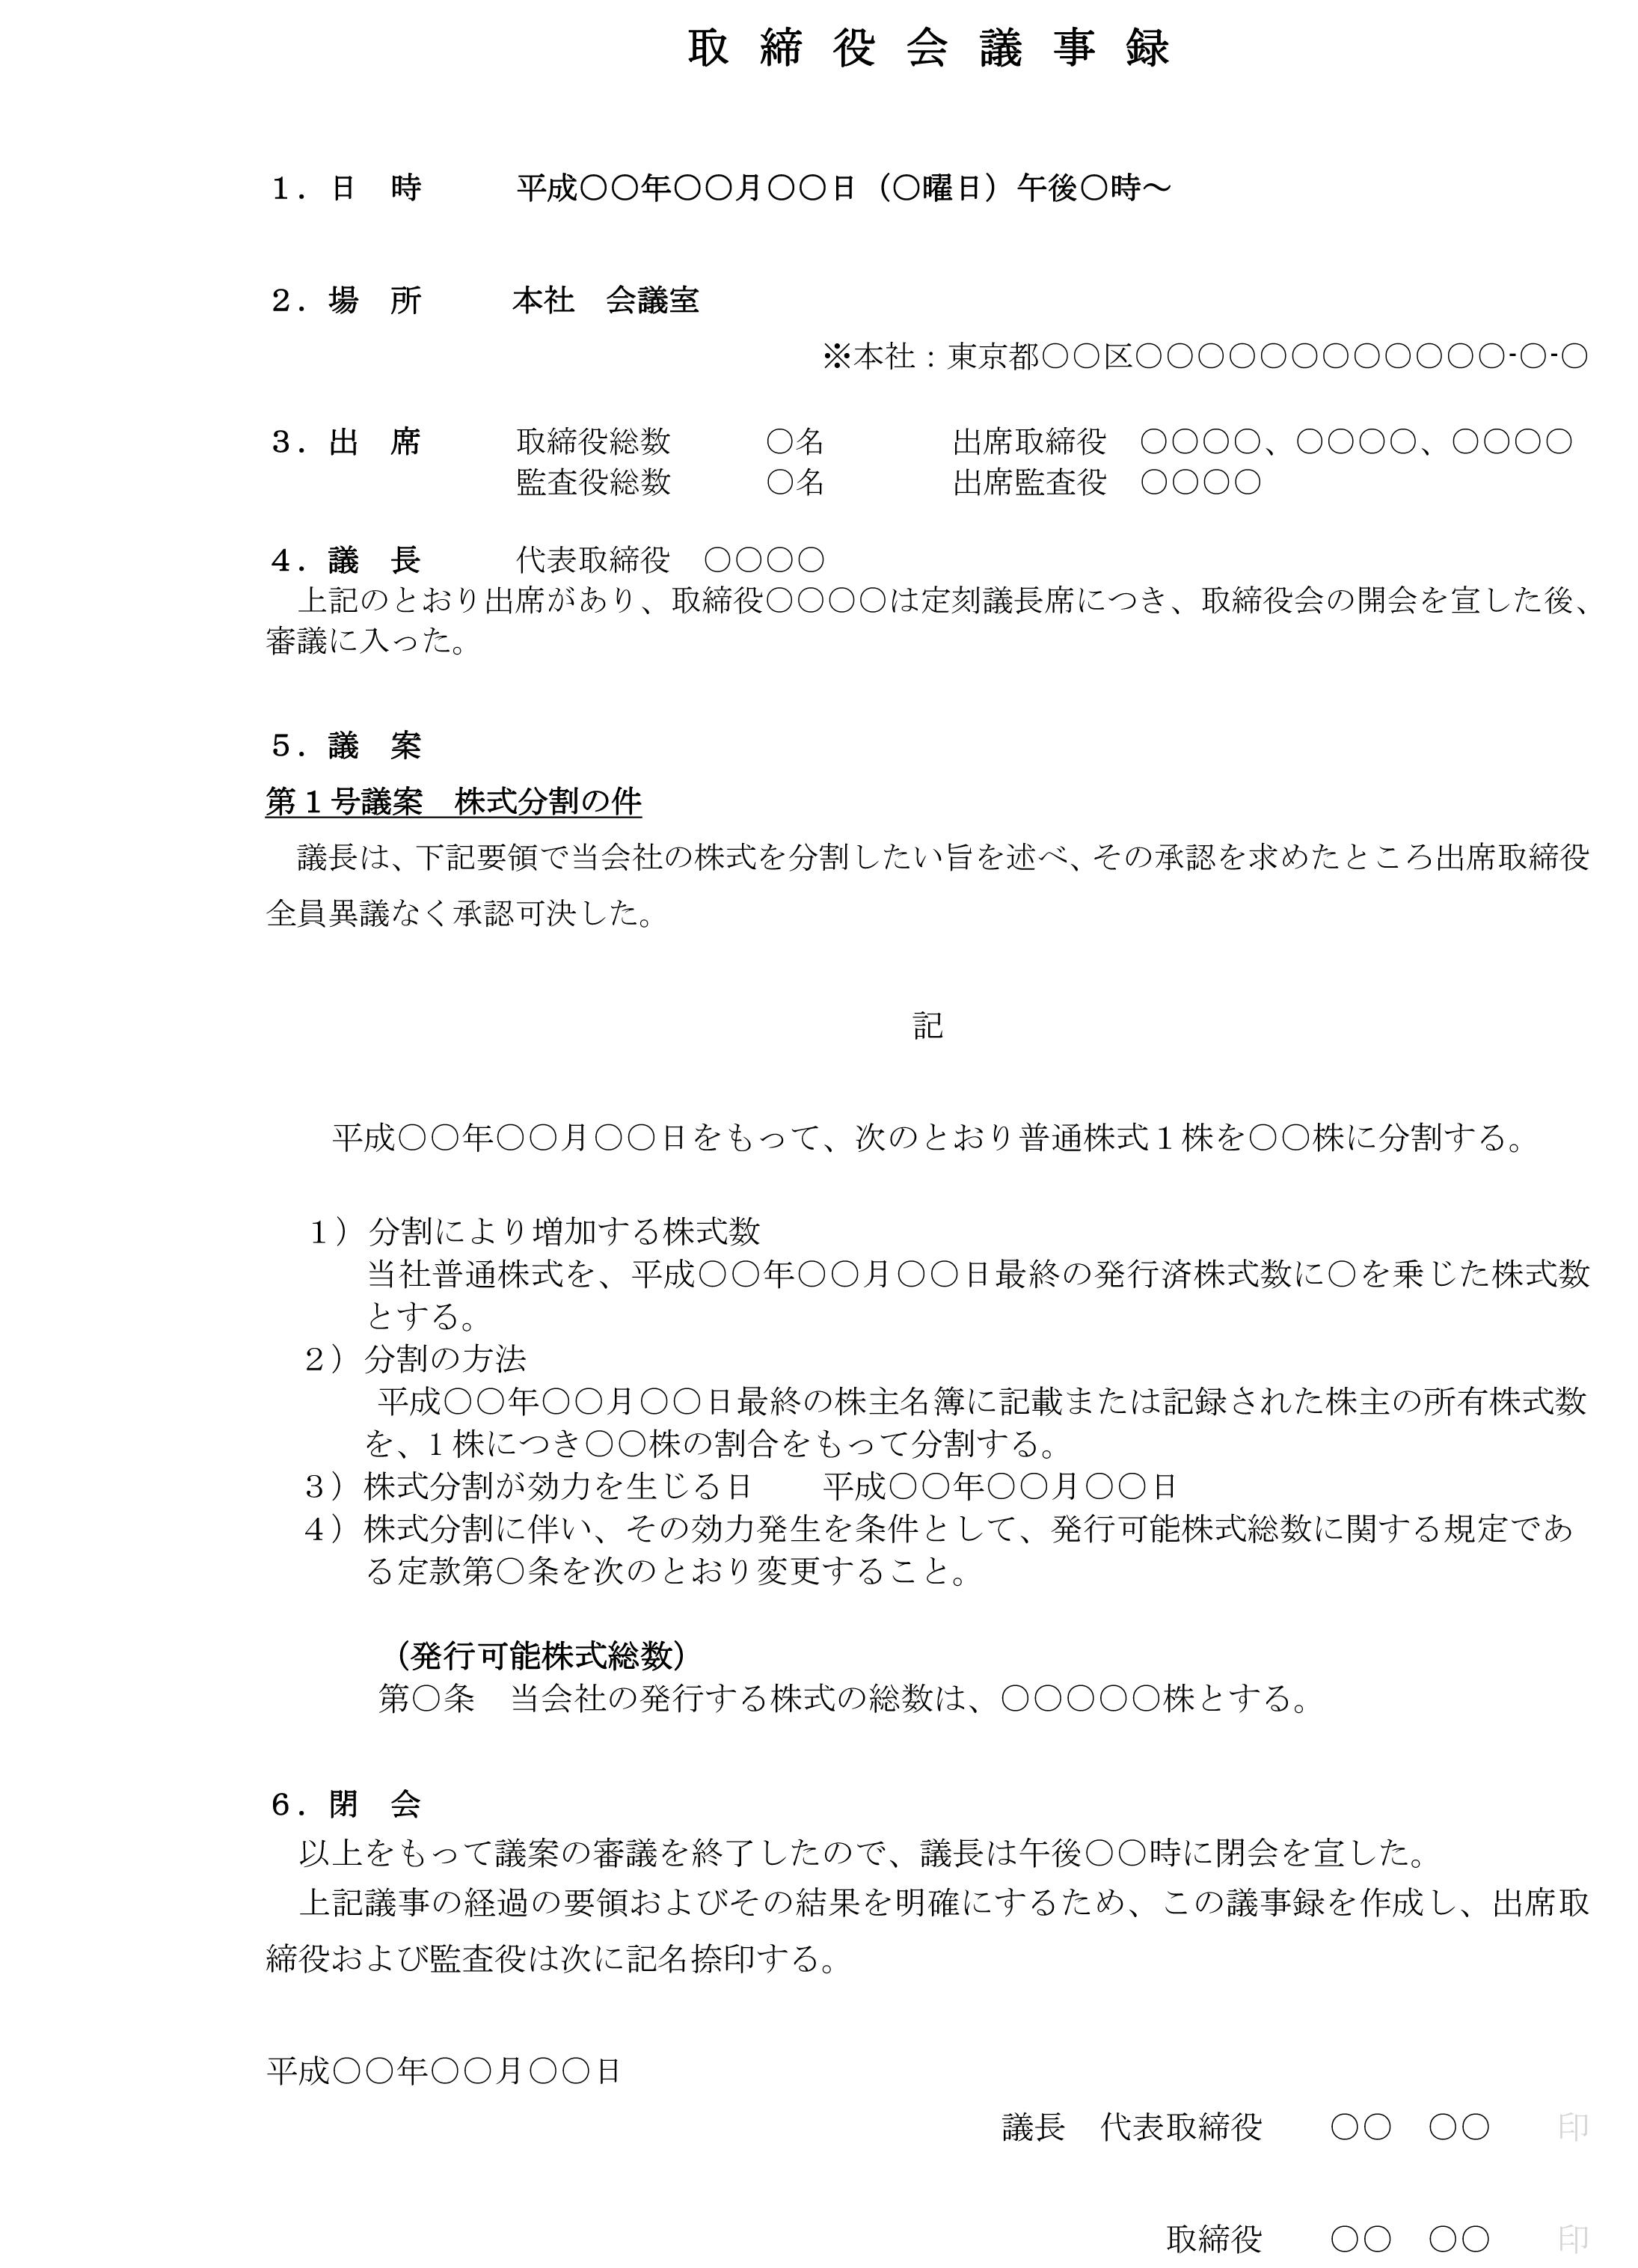 取締役会議事録(株式分割)02